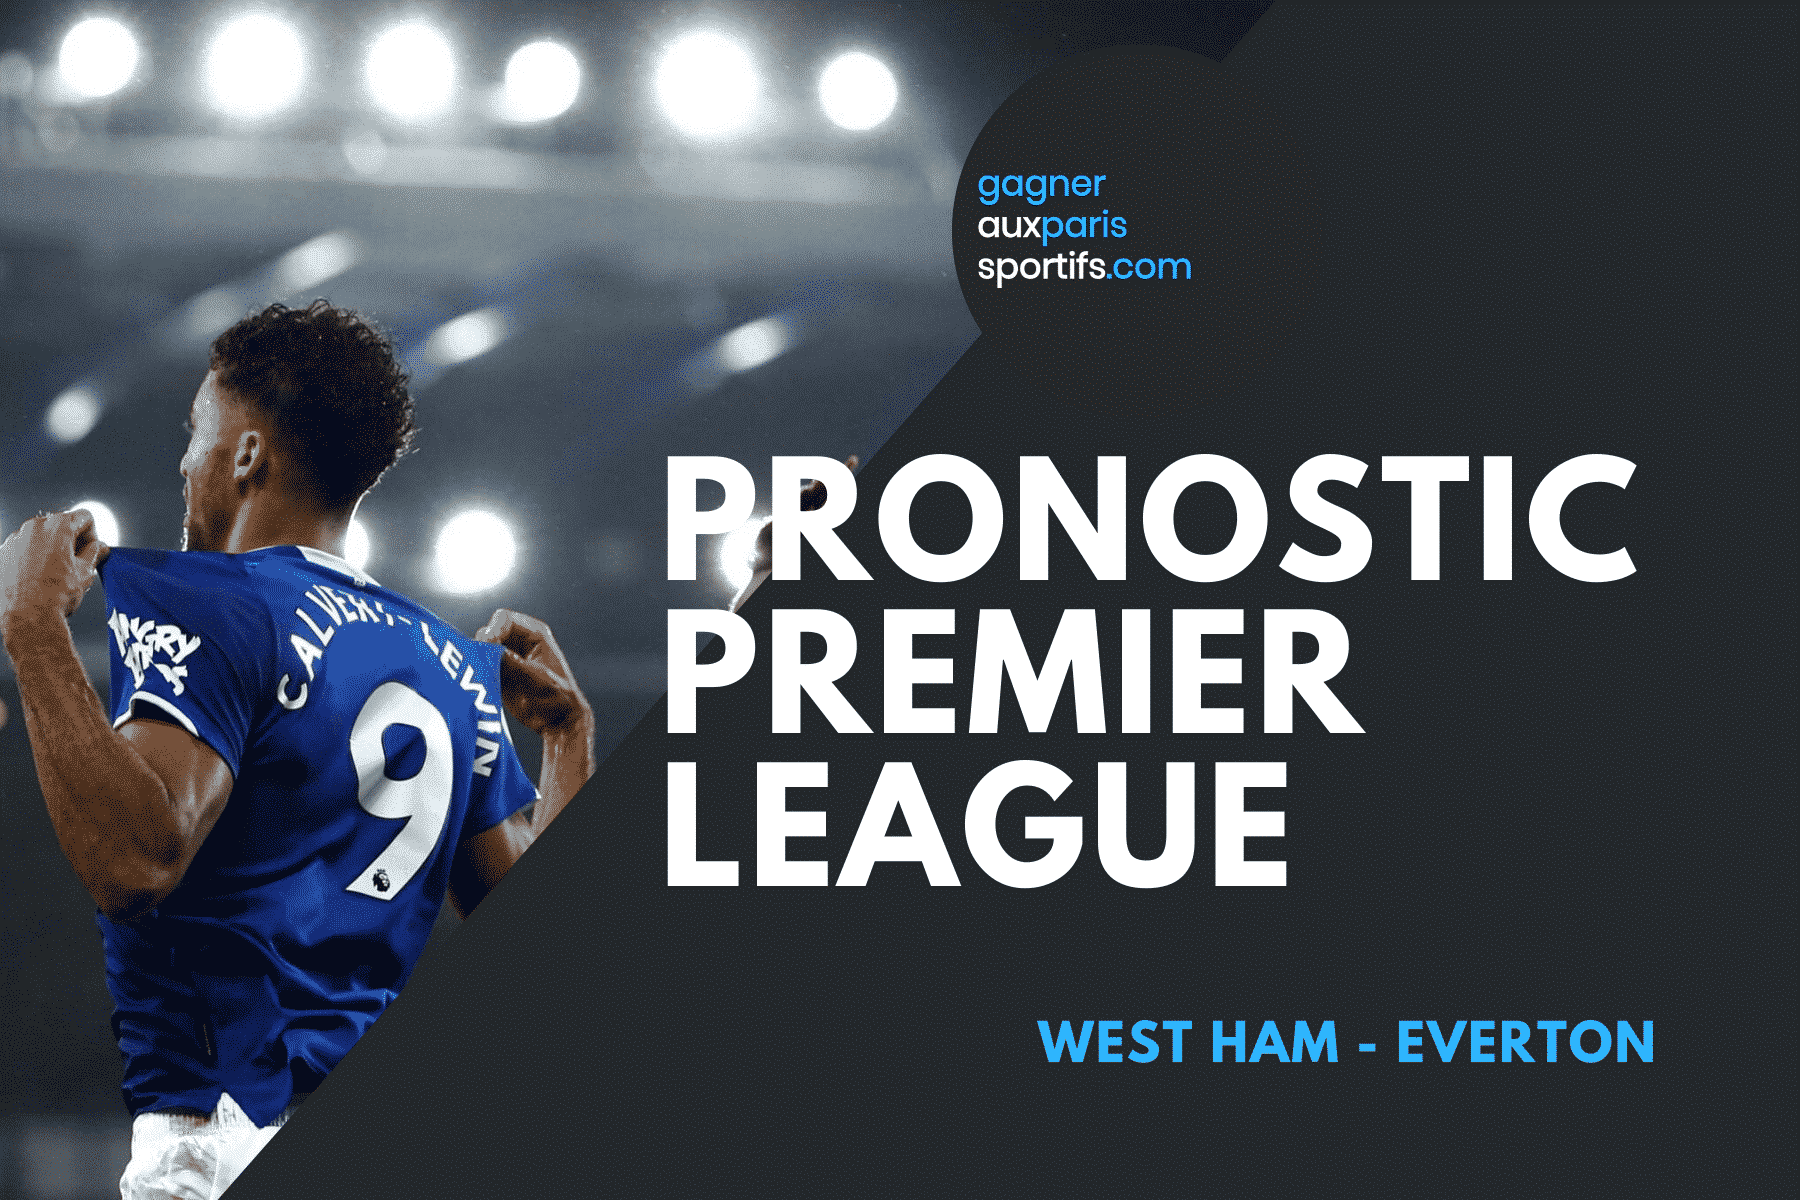 PRONOSTIC West Ham - Everton Premier League